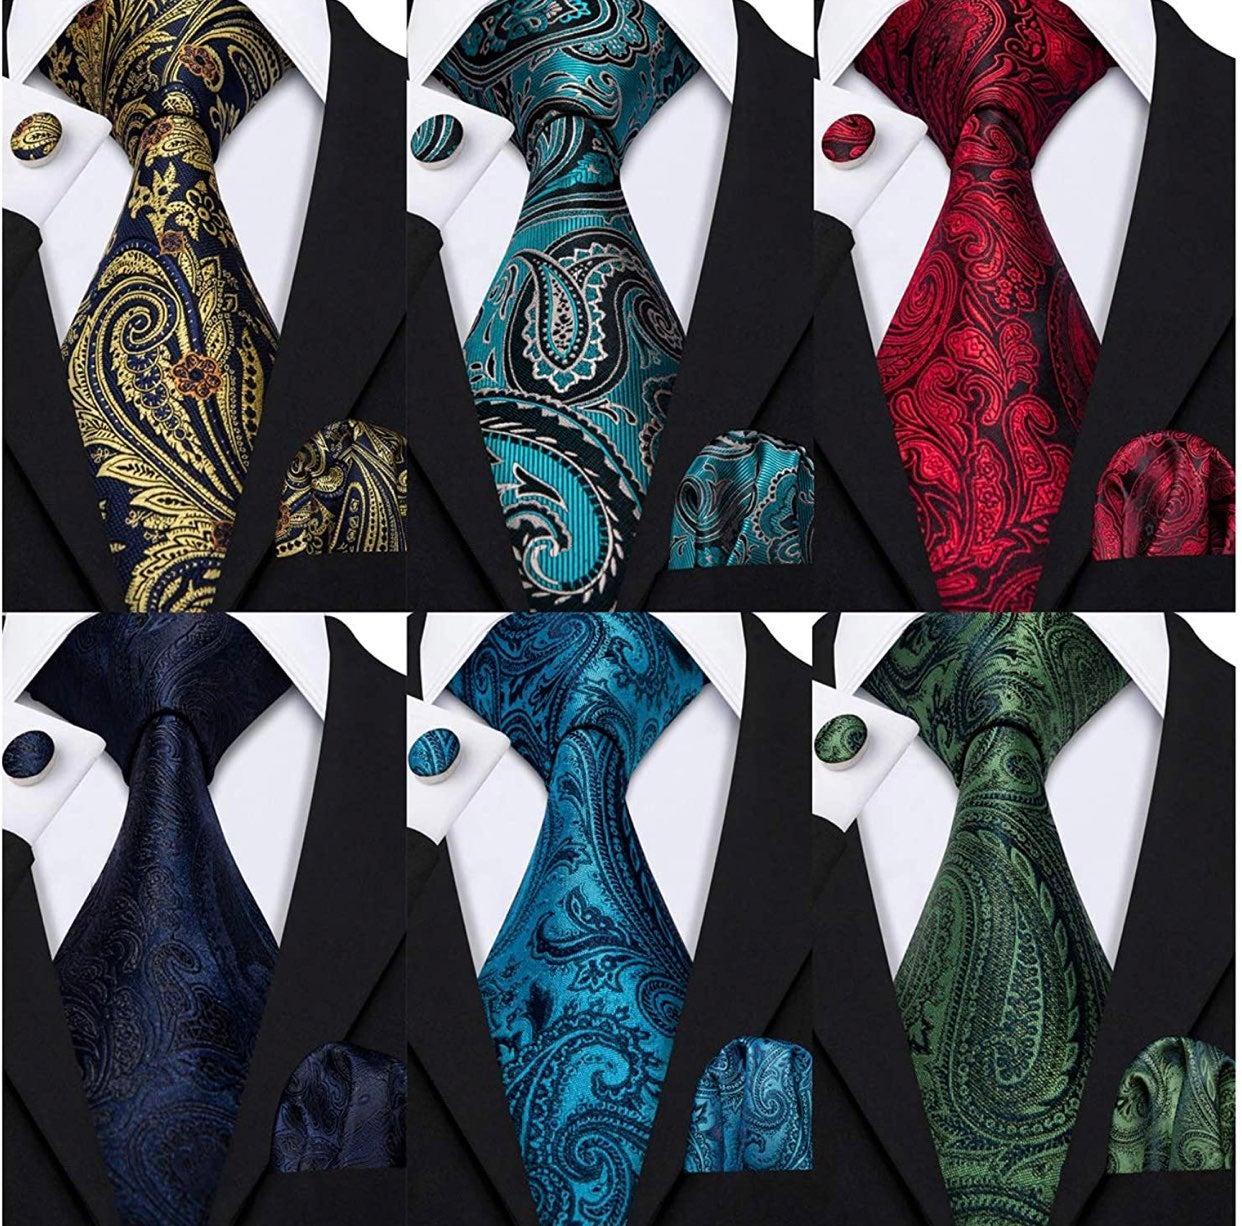 Men's Silk Coordinated Tie Set - 6 Color